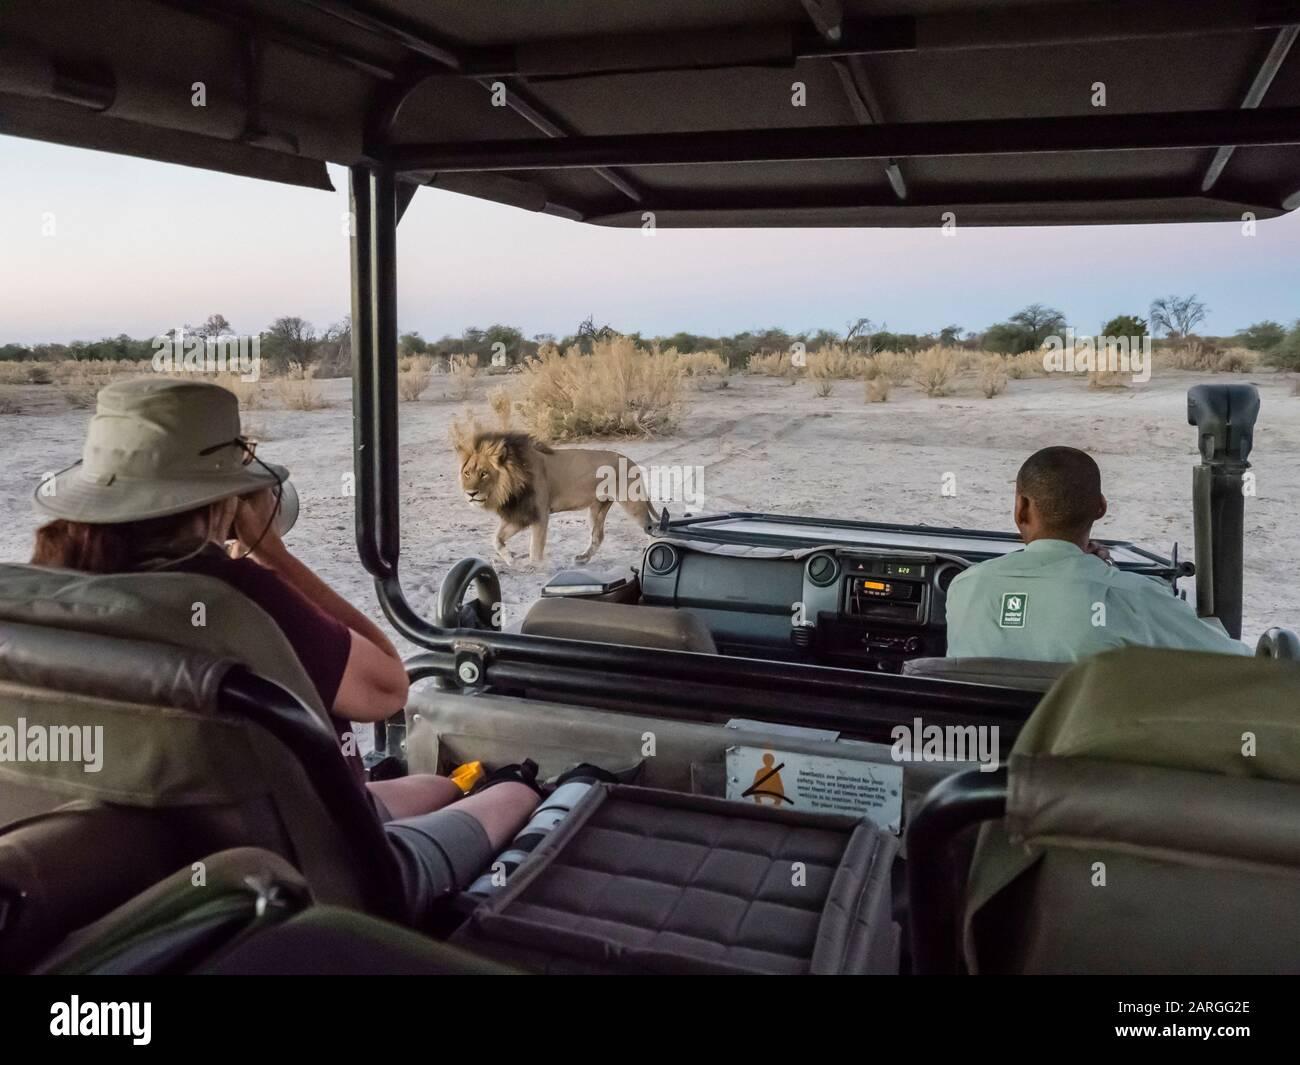 Lion masculin (Panthera leo) marchant près d'un véhicule safari dans le Delta d'Okavango, Botswana, Afrique Banque D'Images